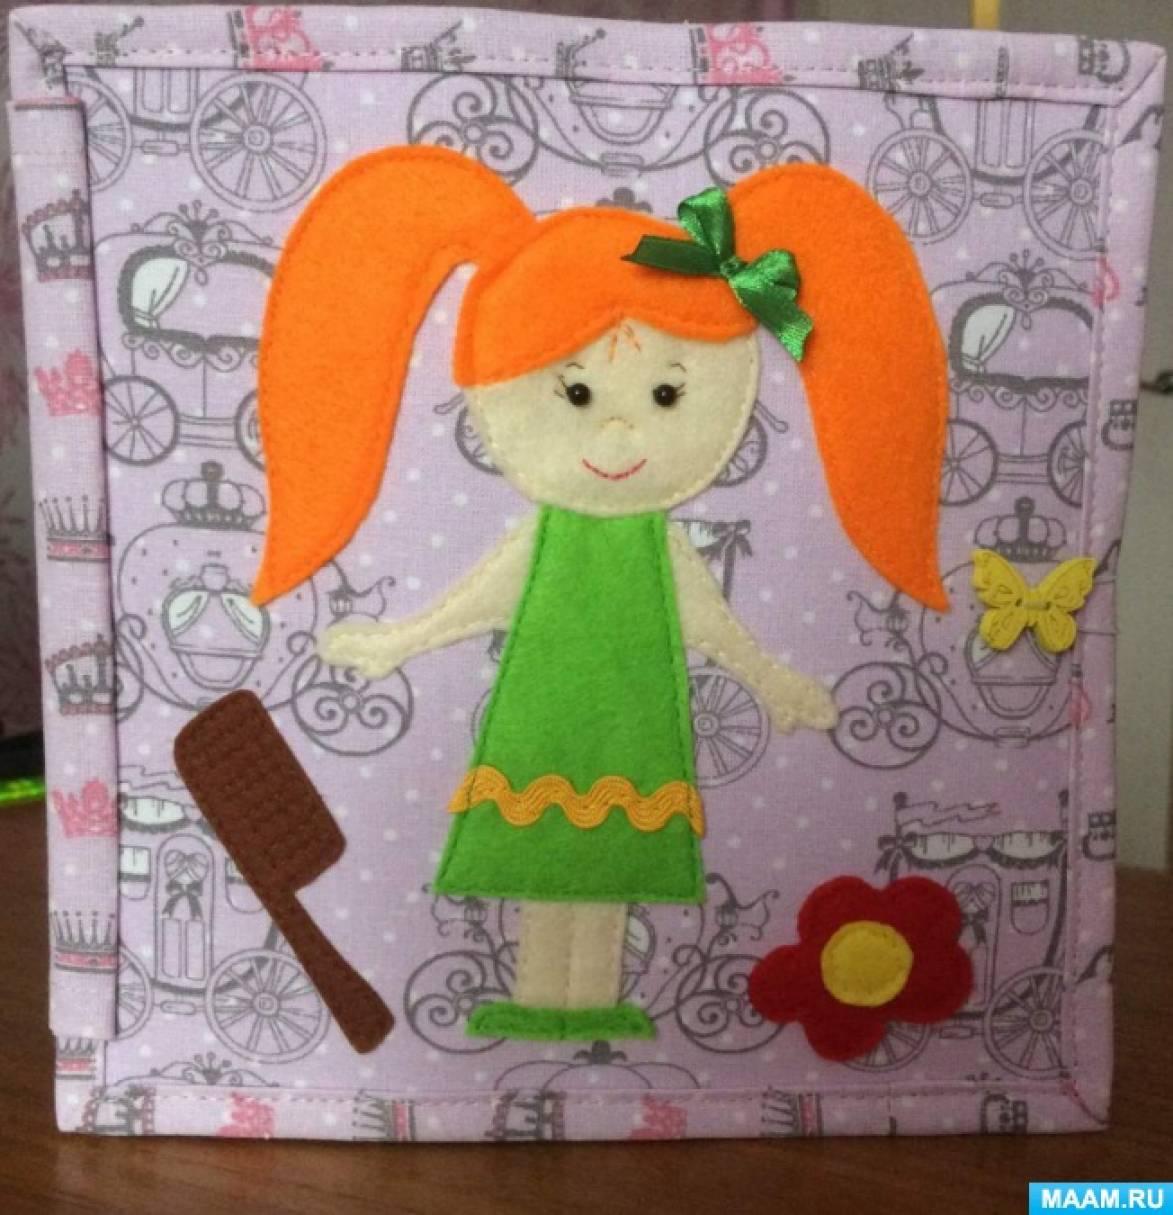 Мастер-класс изготовления книги из ткани «Маленькая принцесса»